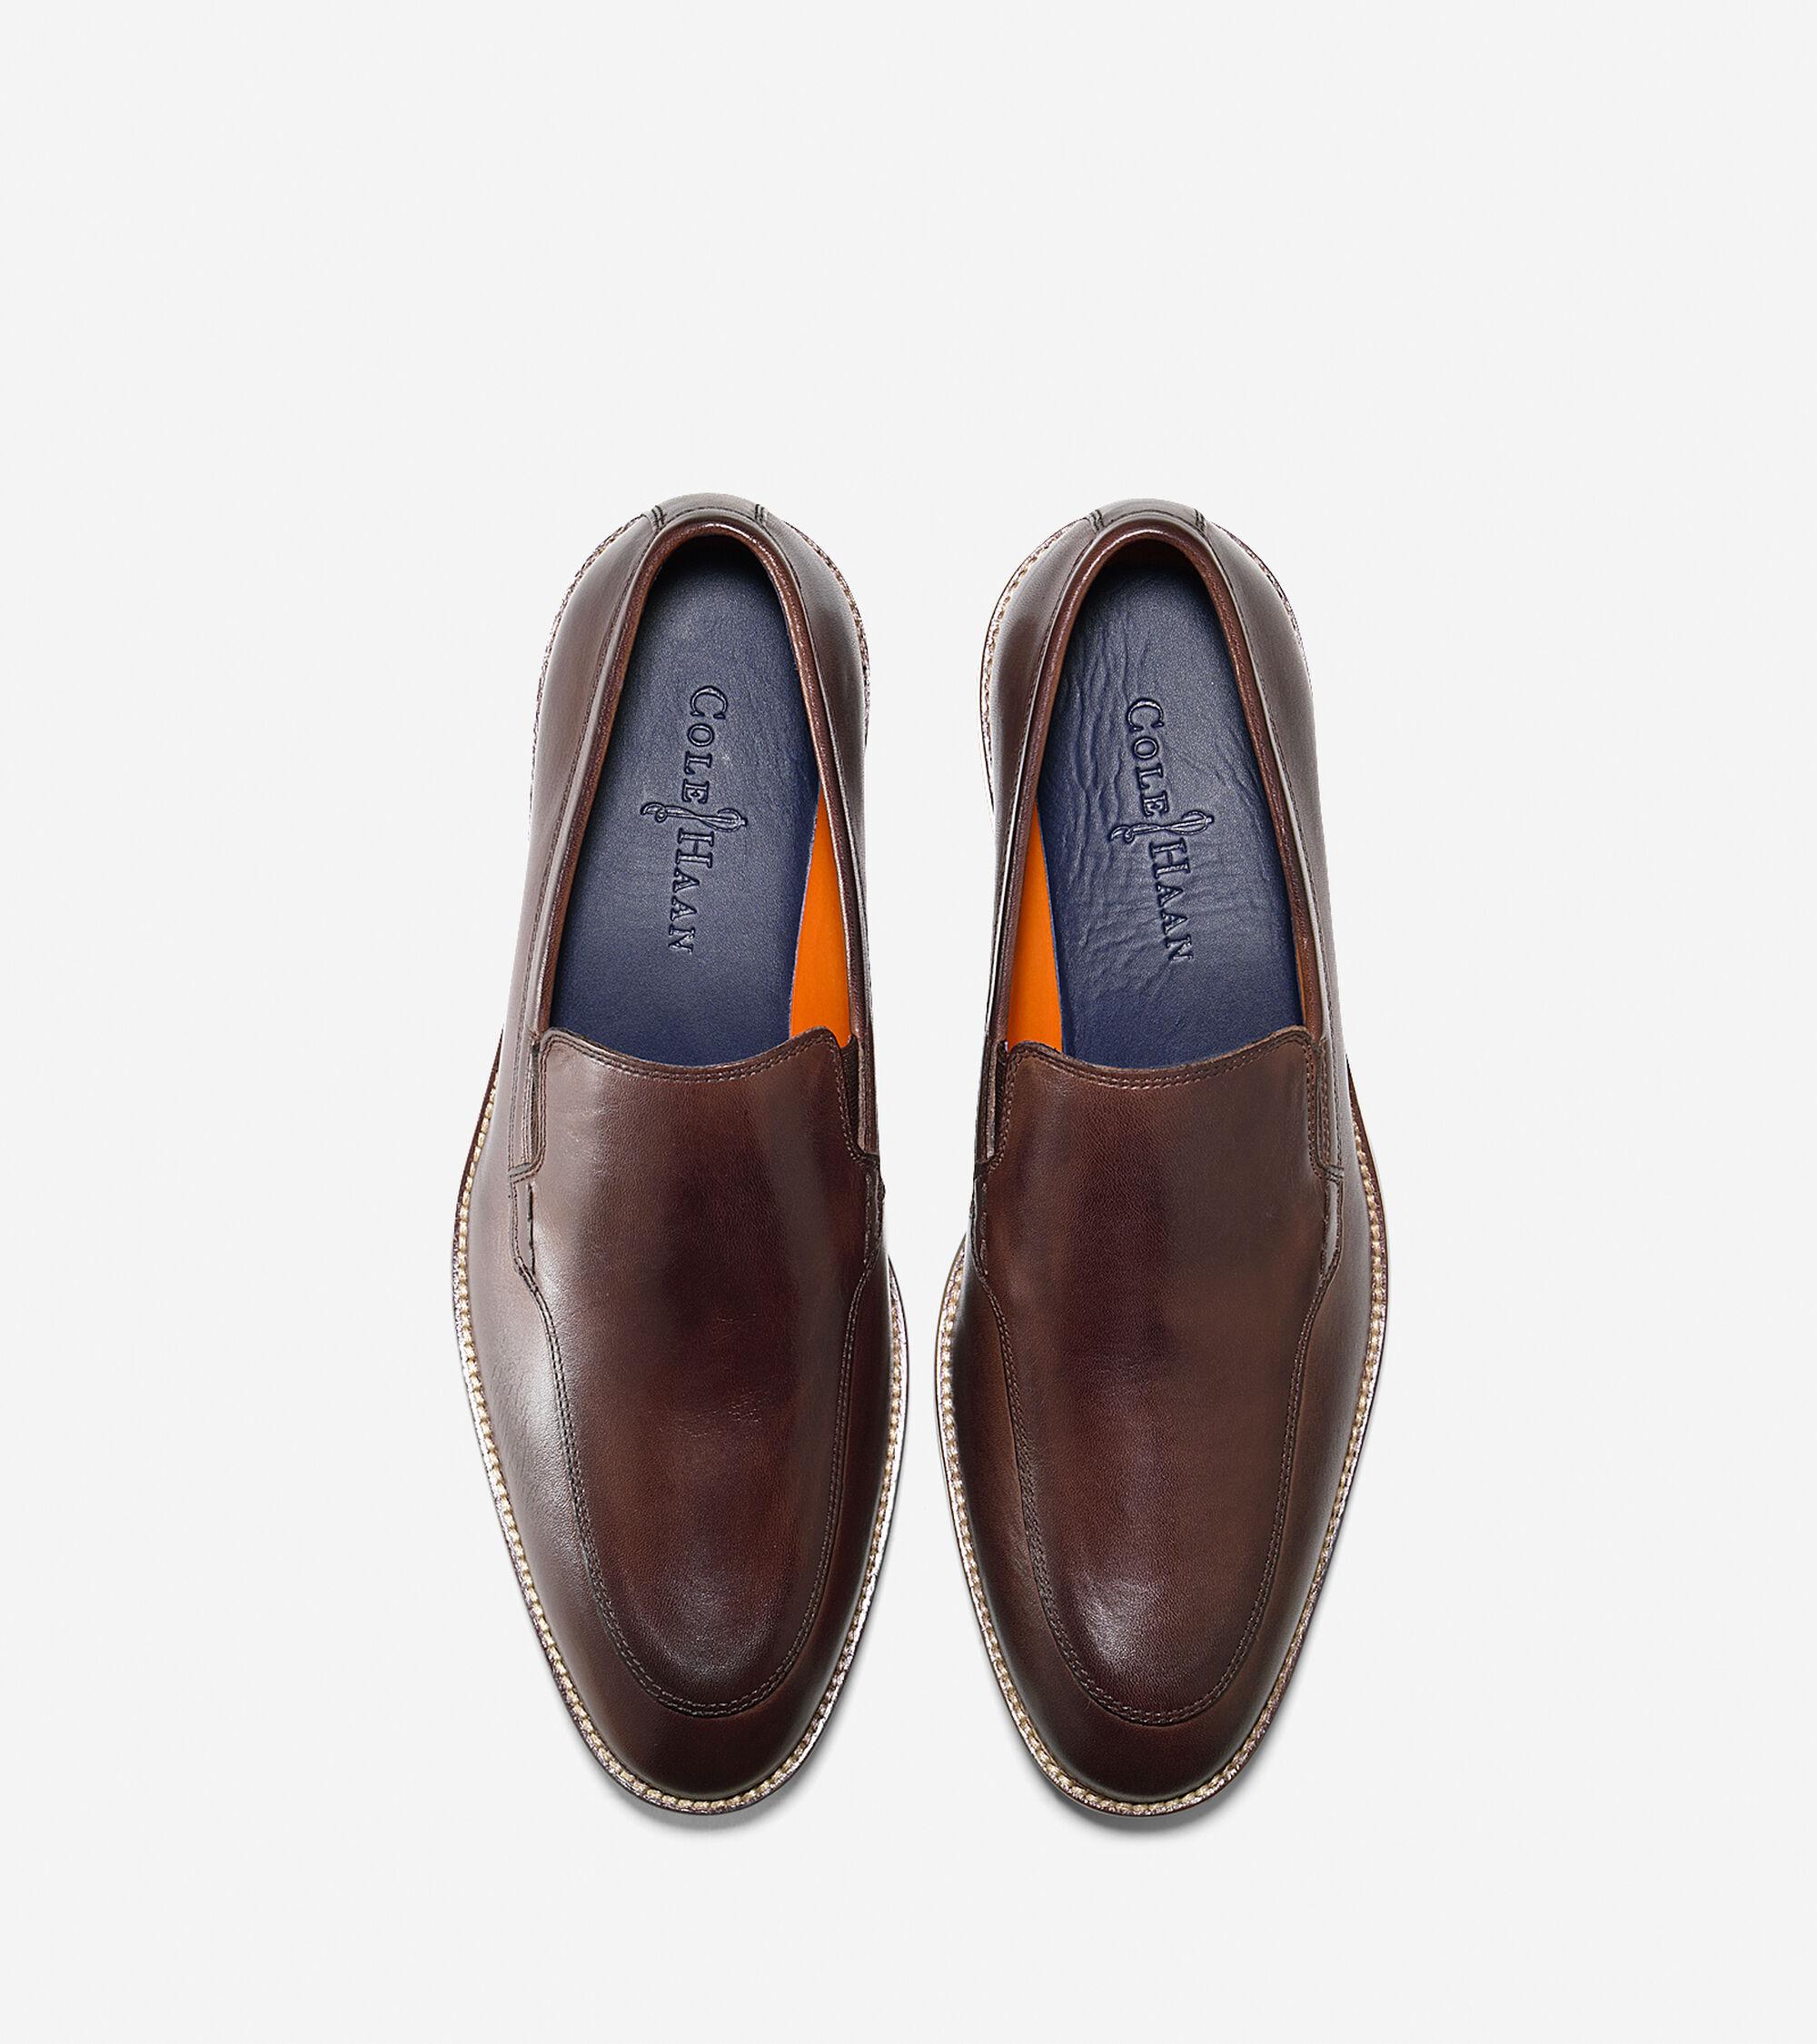 5c704d5cad1 Lenox Hill Venetian in Dark Brown   Men s Shoes